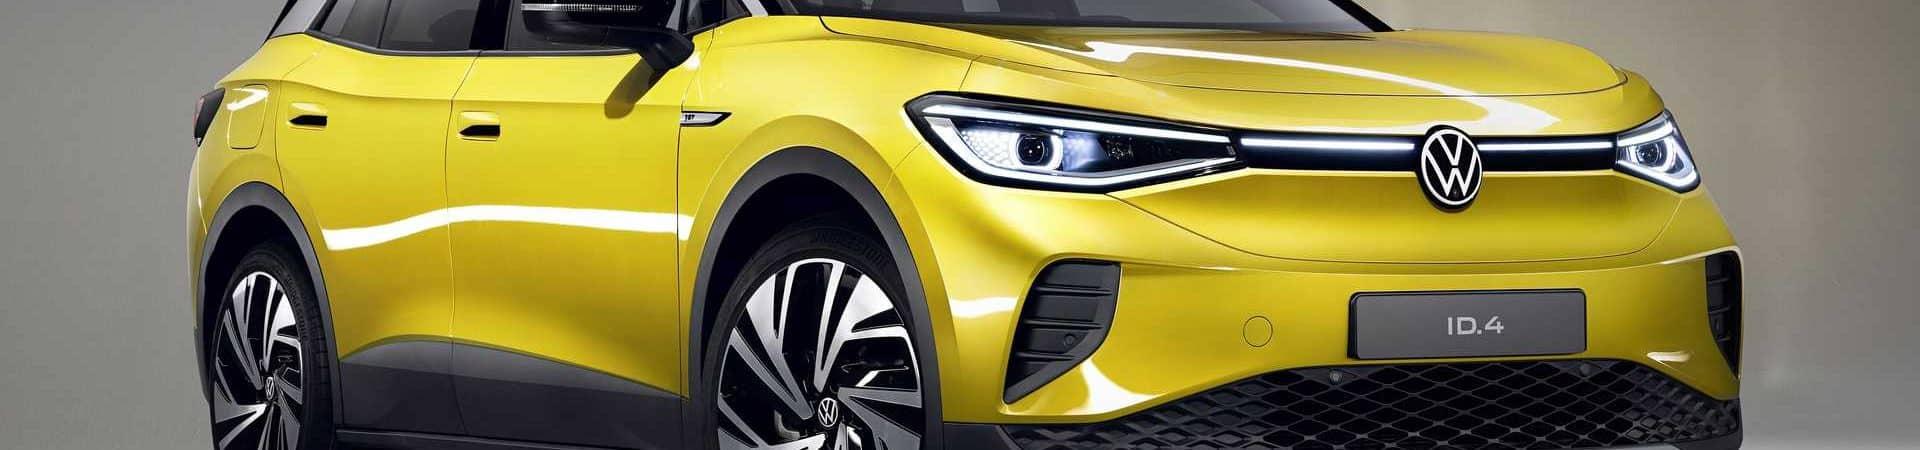 Com foco em carros elétricos, tipo o ID.4, a Volkswagen vai aumentar a produção de baterias. Imagem: Divulgação